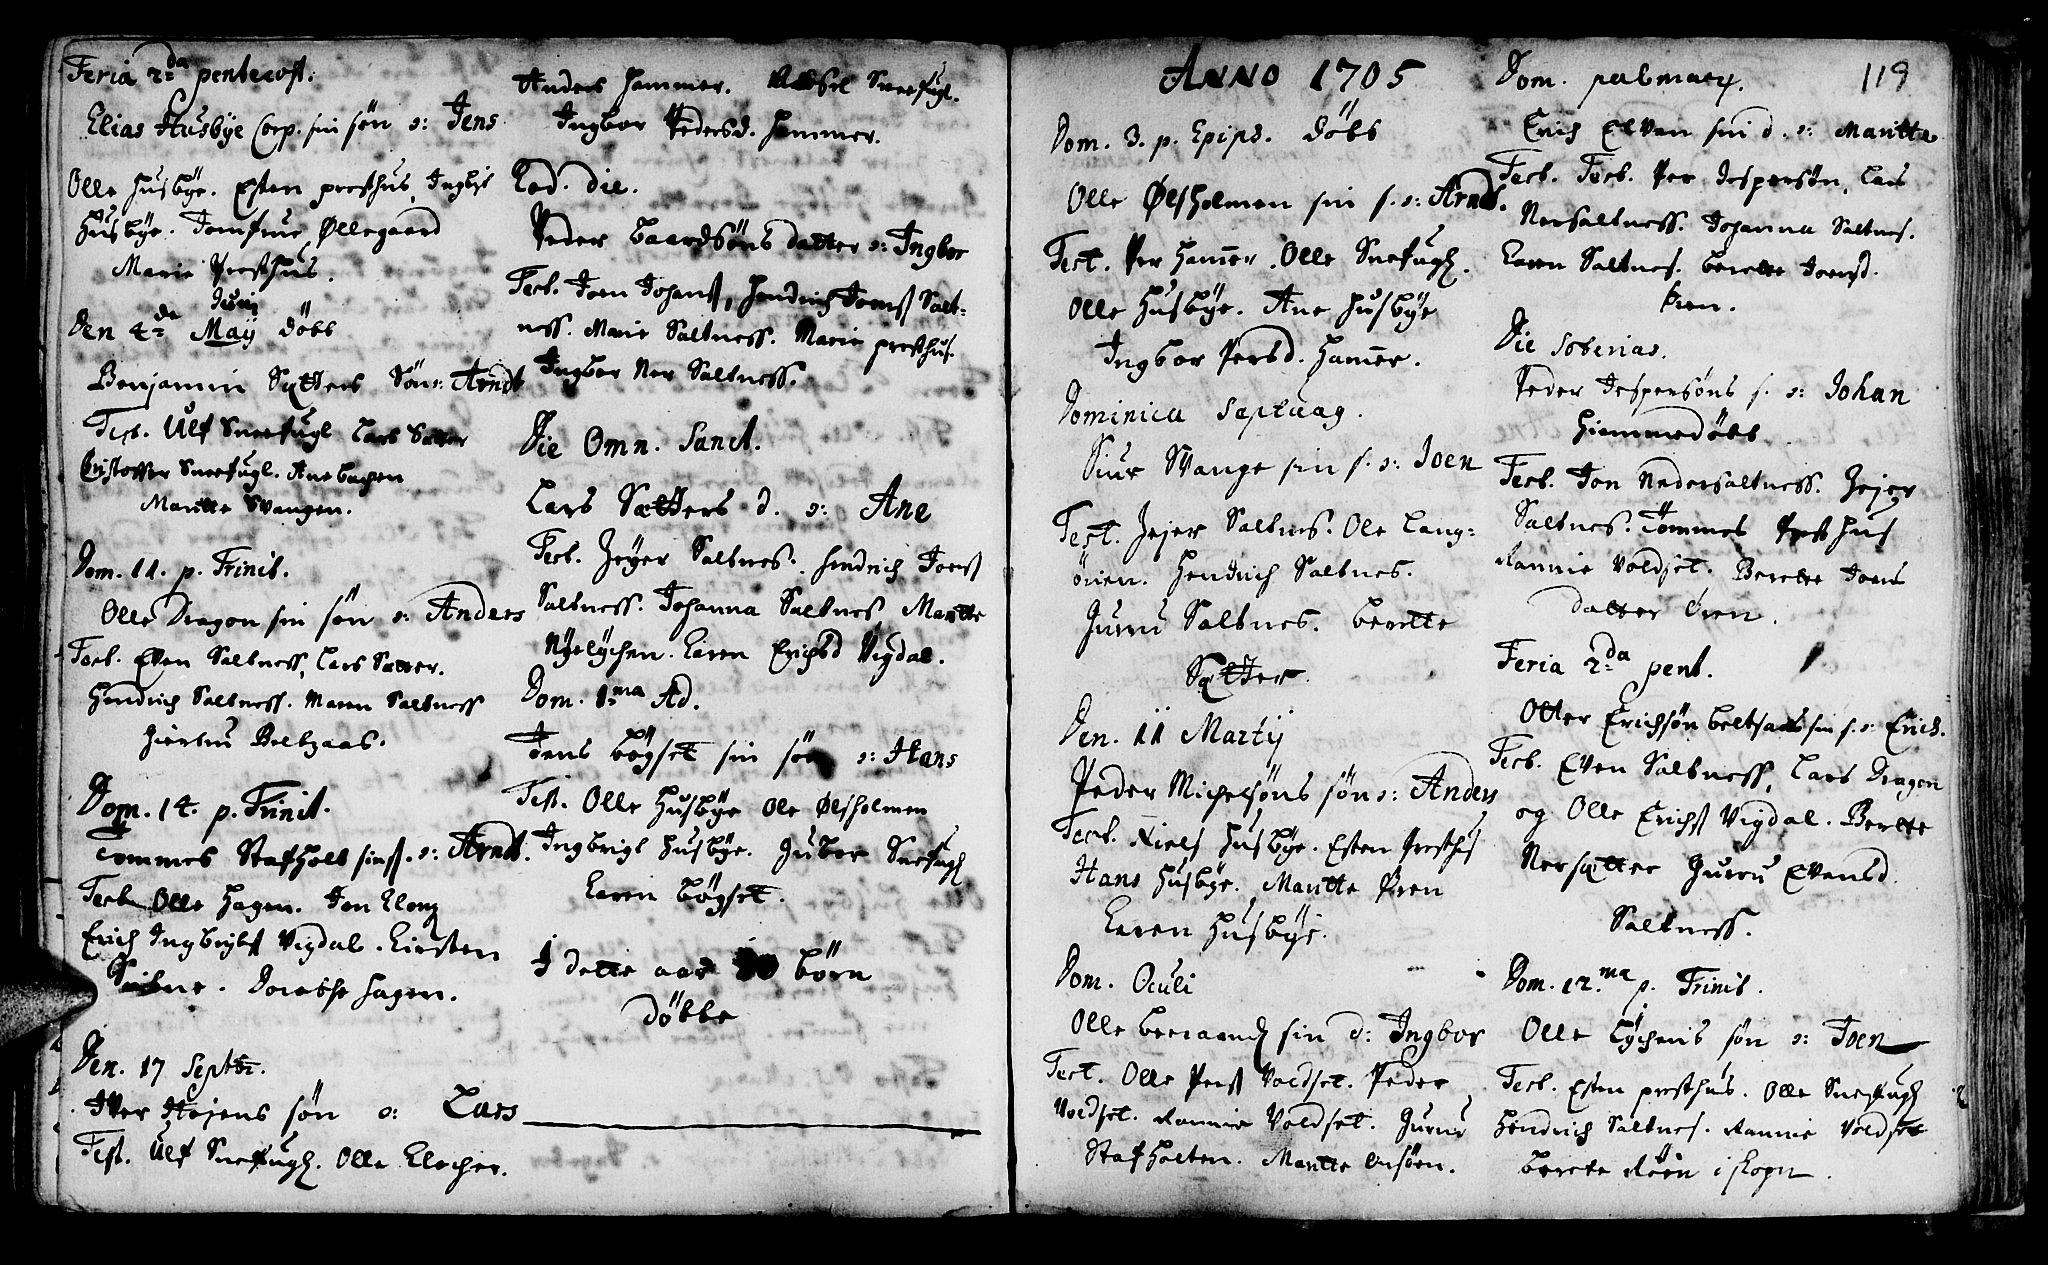 SAT, Ministerialprotokoller, klokkerbøker og fødselsregistre - Sør-Trøndelag, 666/L0783: Ministerialbok nr. 666A01, 1702-1753, s. 119